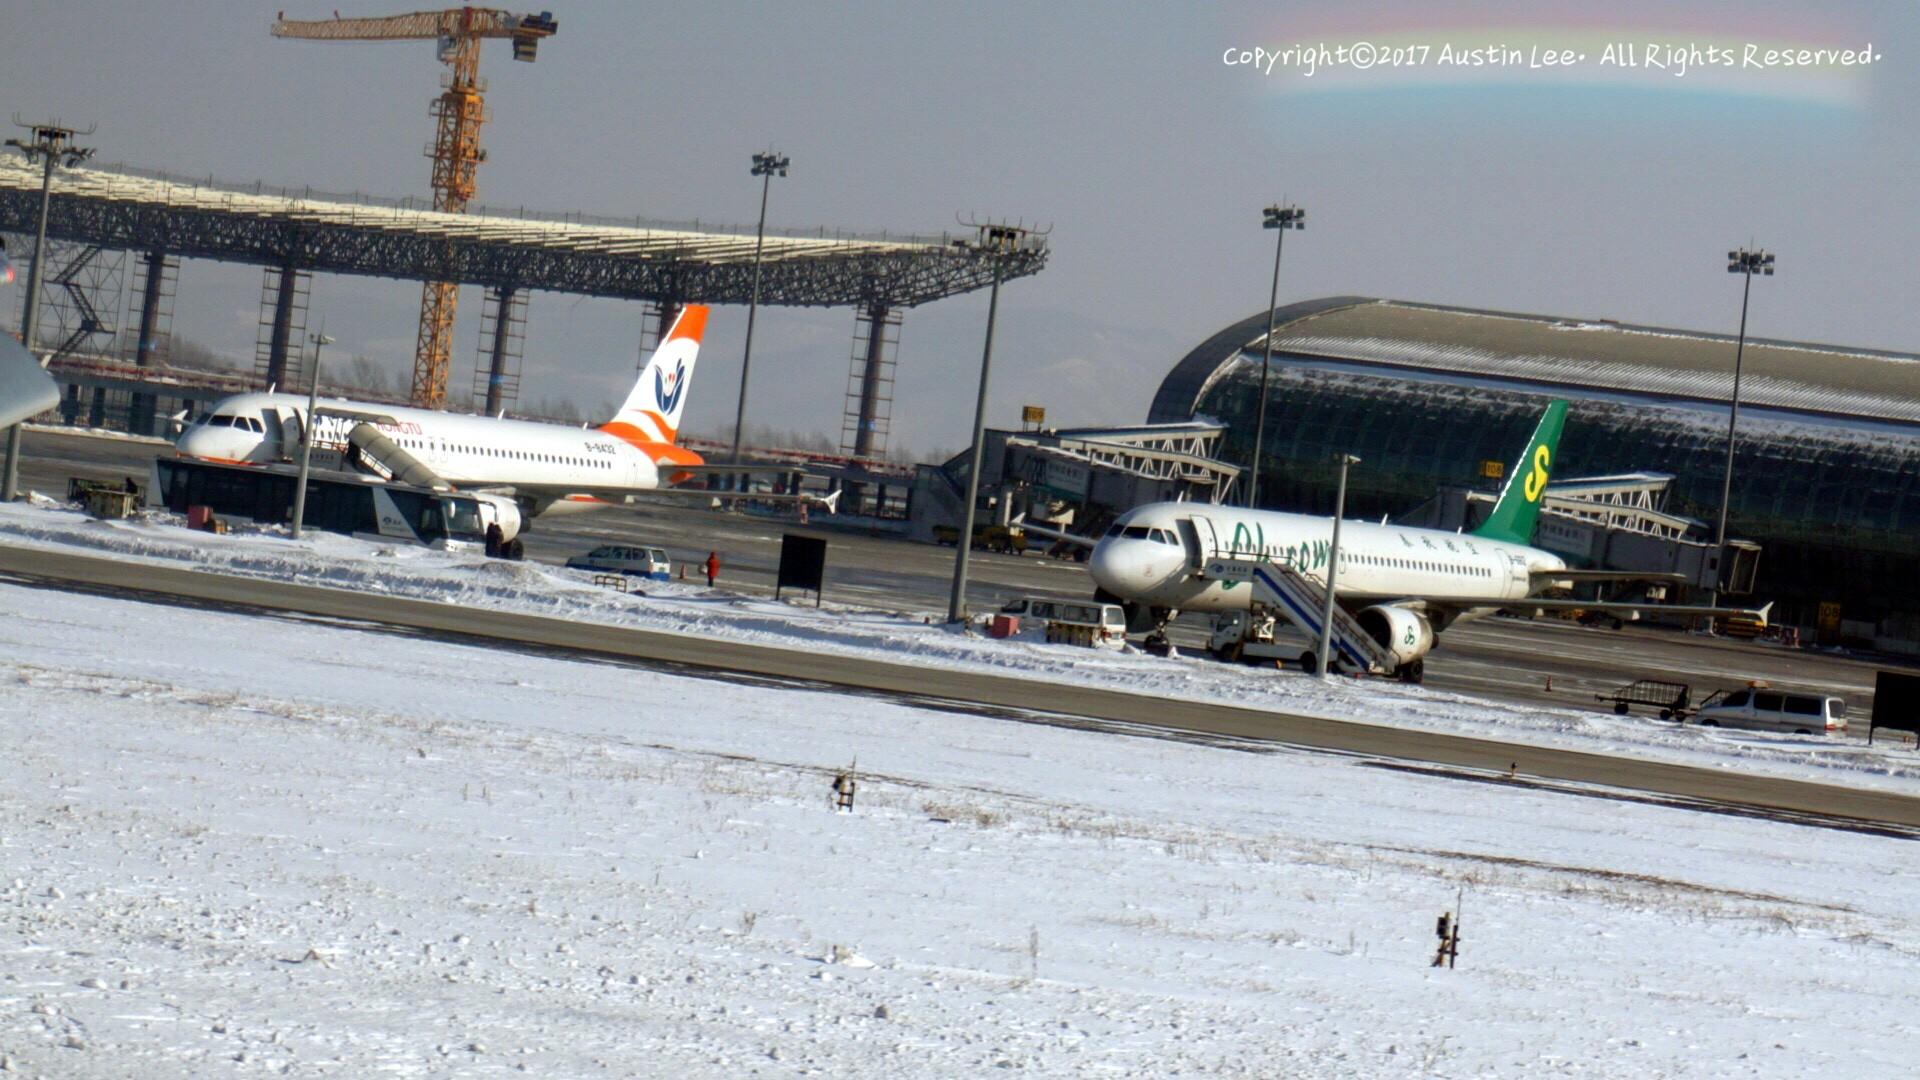 Re:[原创]三年旅途的随拍精选~持续不定时update AIRBUS A320-214 B-8432 中国长春龙嘉国际机场